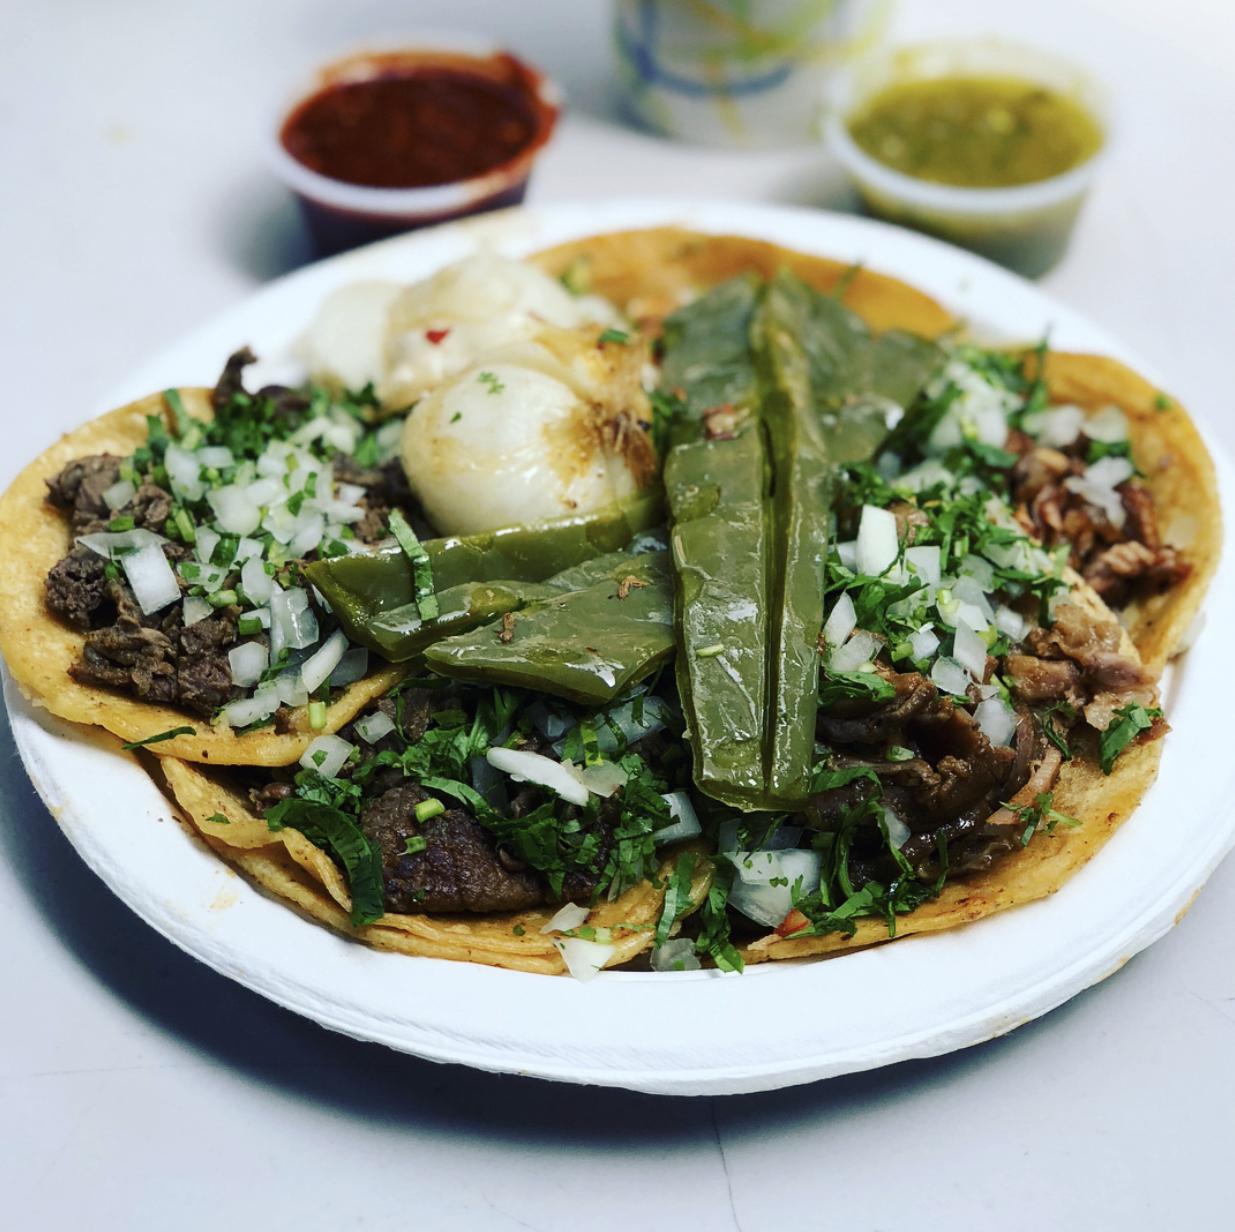 Tacos at Taqueria El Paisa@.com